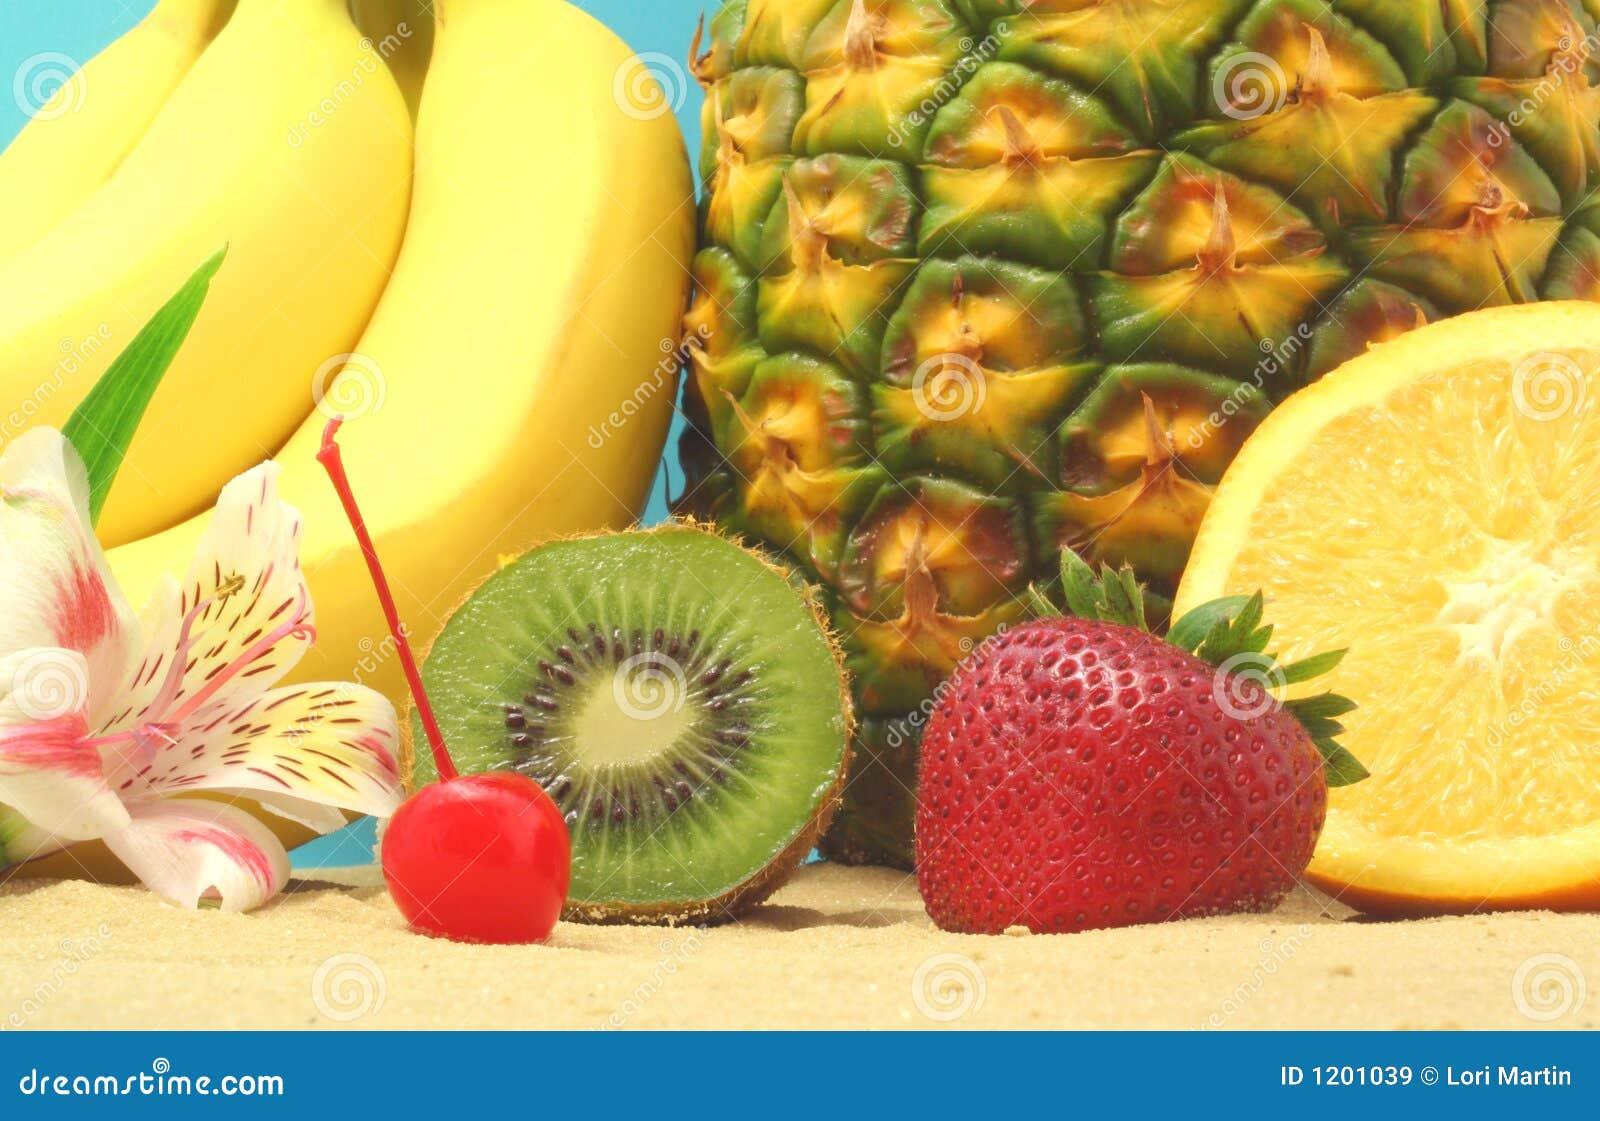 Fruit, Close-up